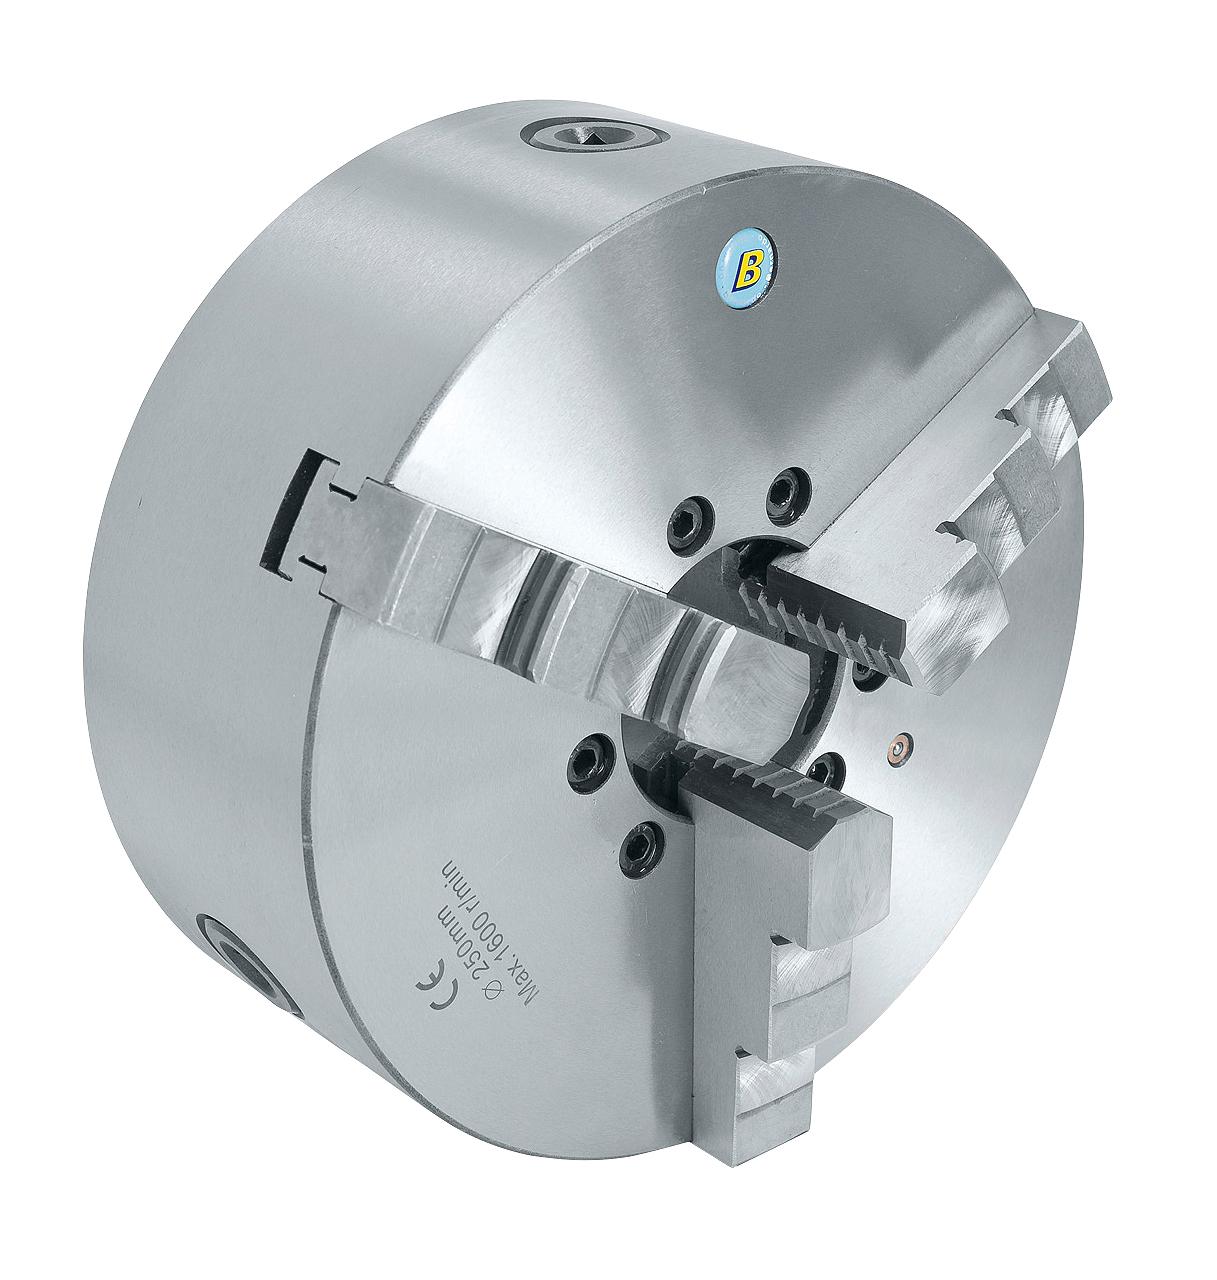 Uchwyt tokarski 3-szczękowy, precyzyjny, żeliwny, DK11-400 DIN 6350  BERNARDO